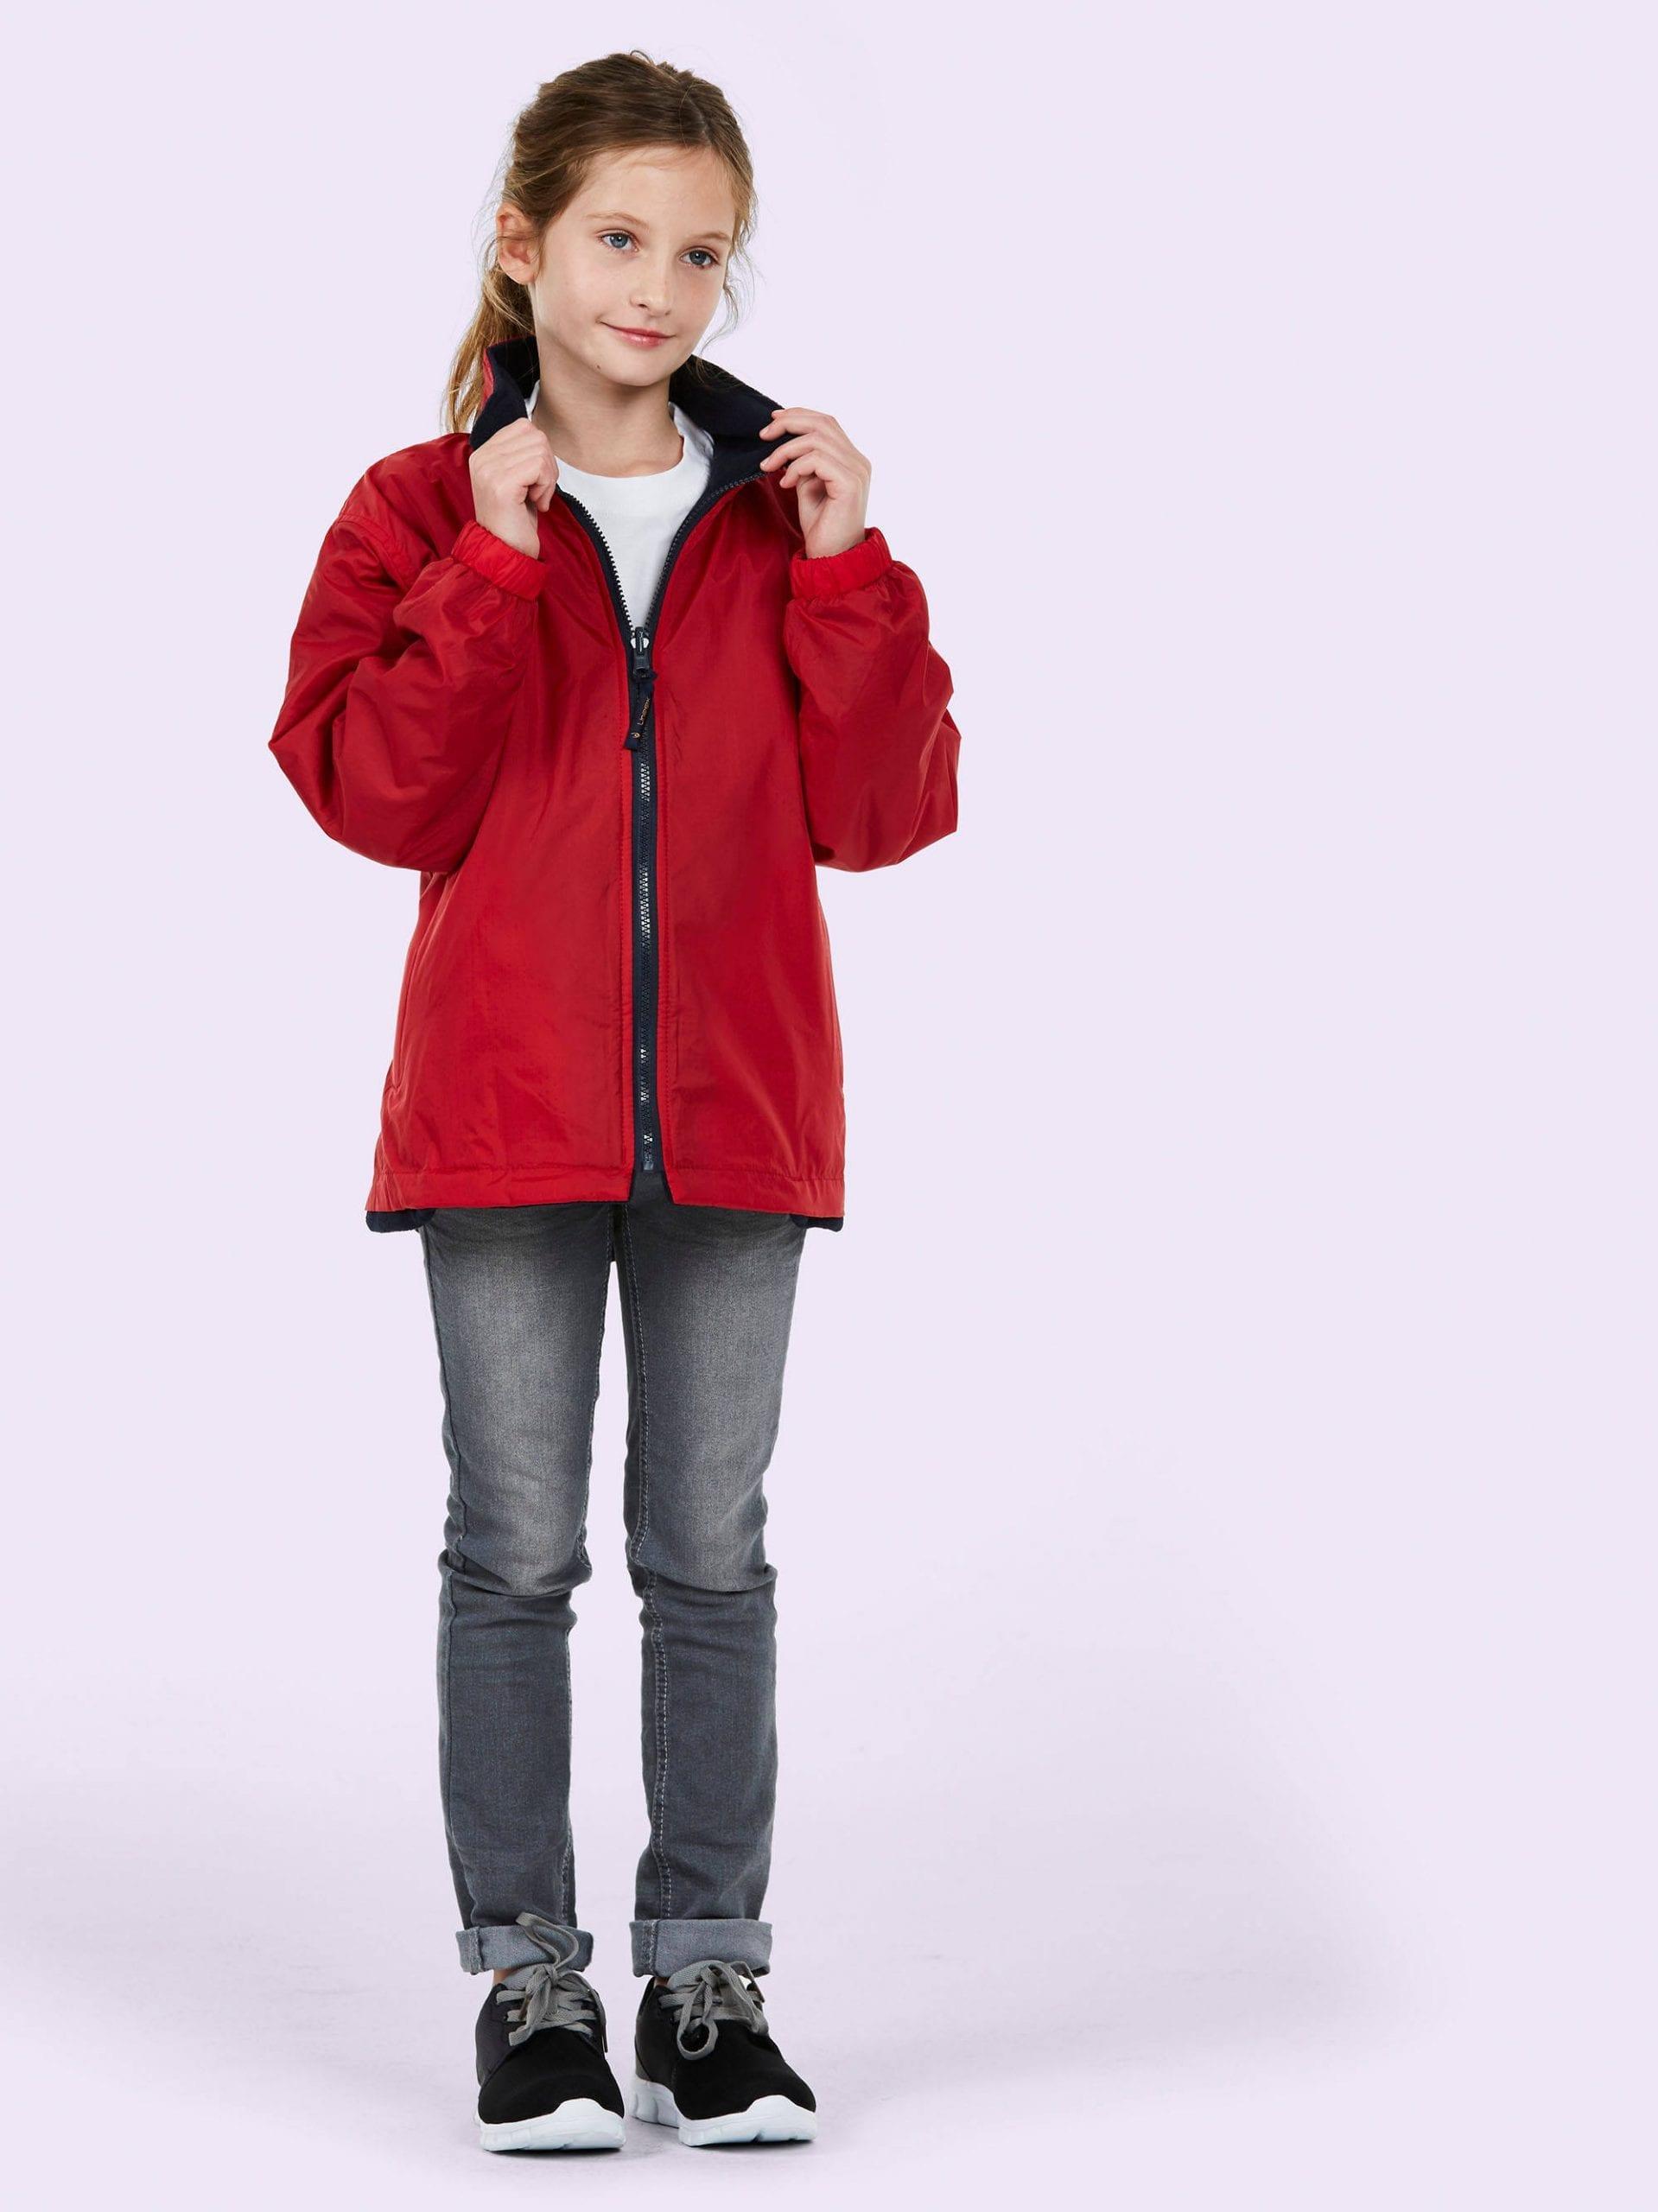 Childrens Premium Reversible Fleece Jacket